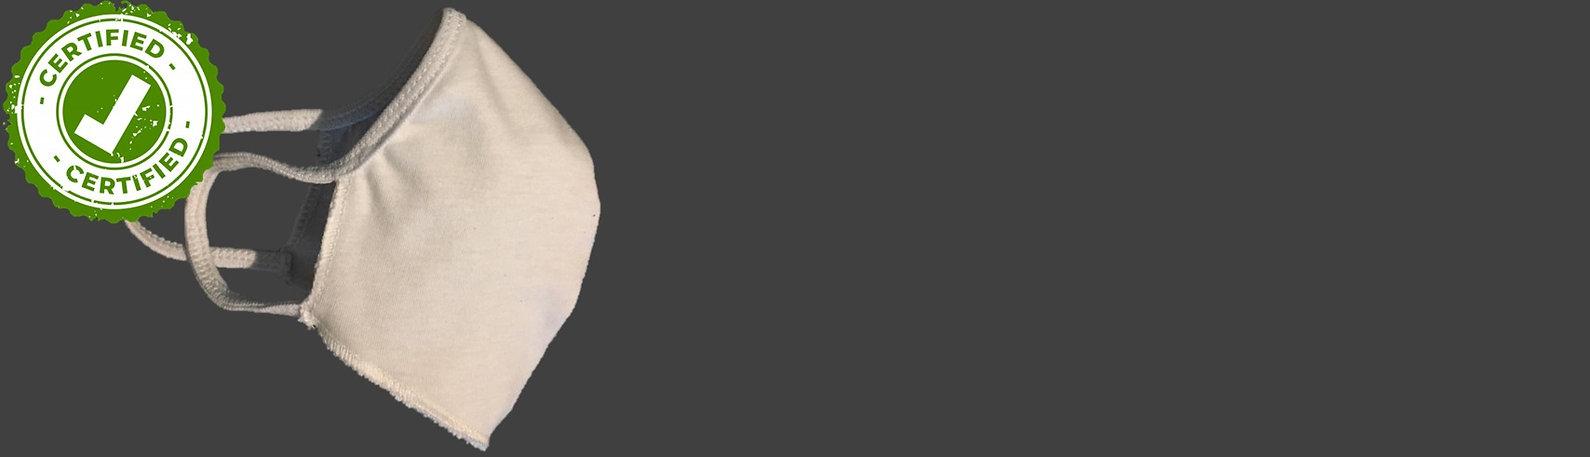 mascara fundo marrom.jpg